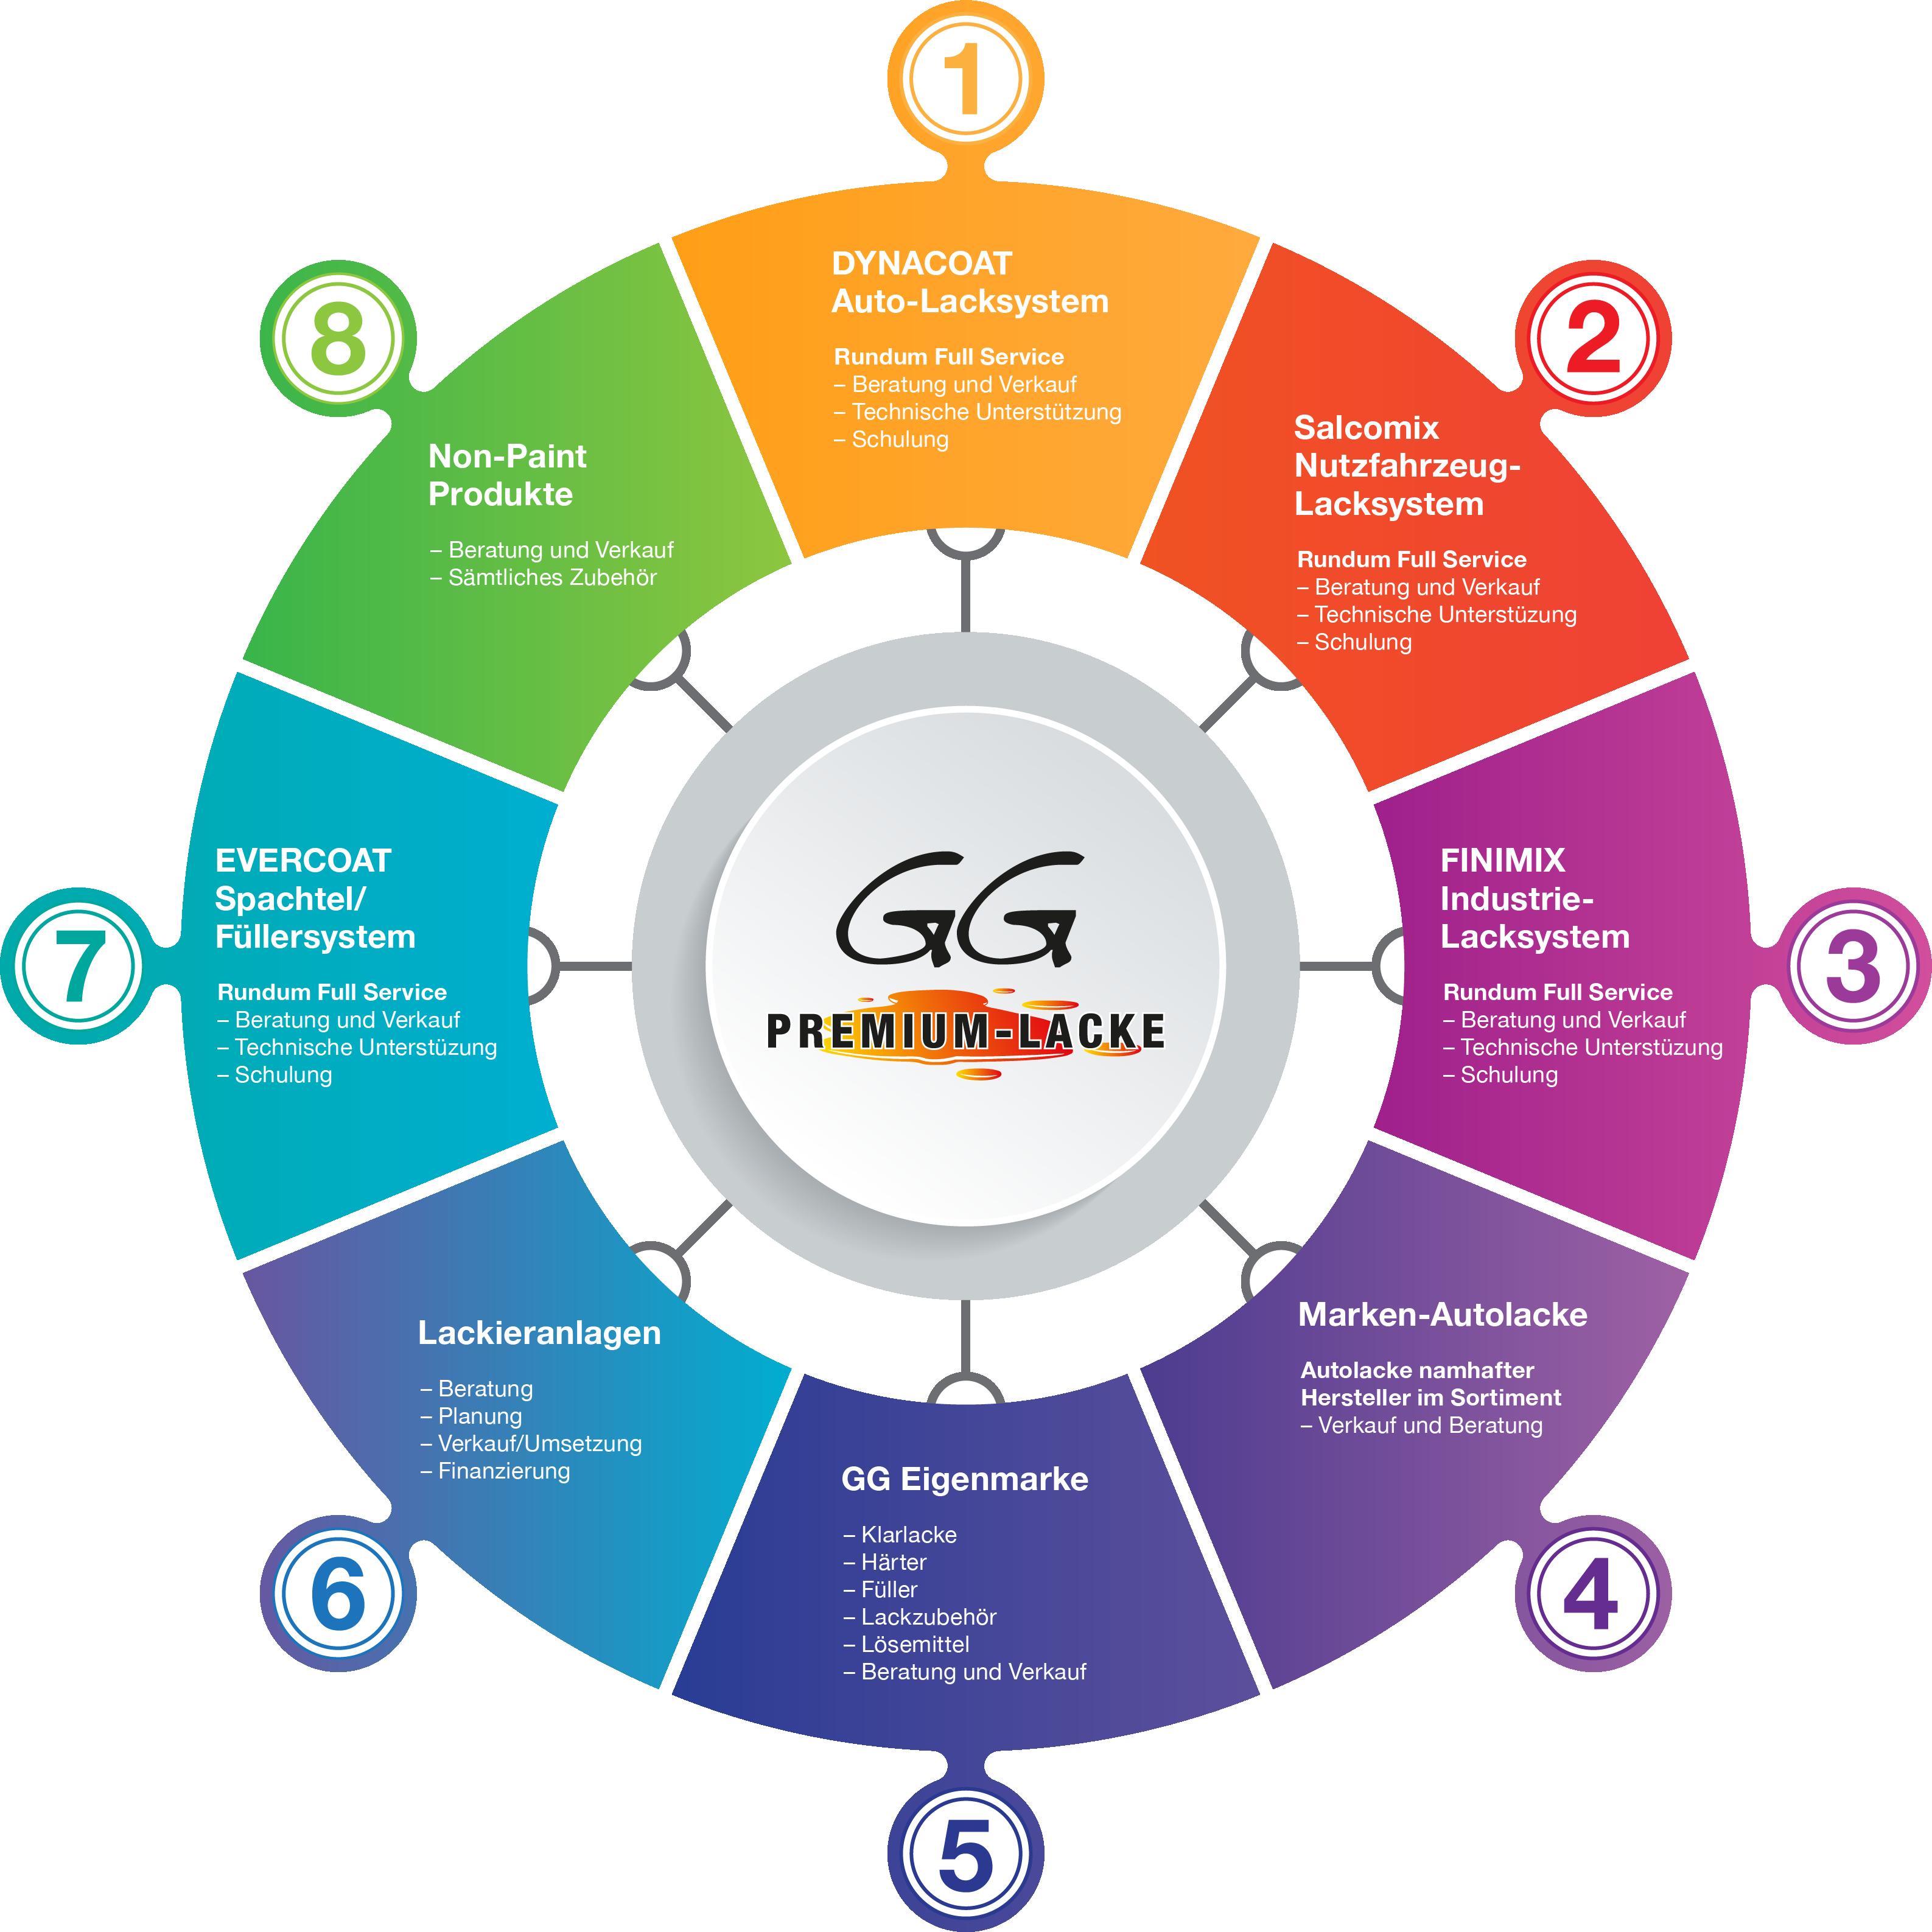 GG-Produktekreis